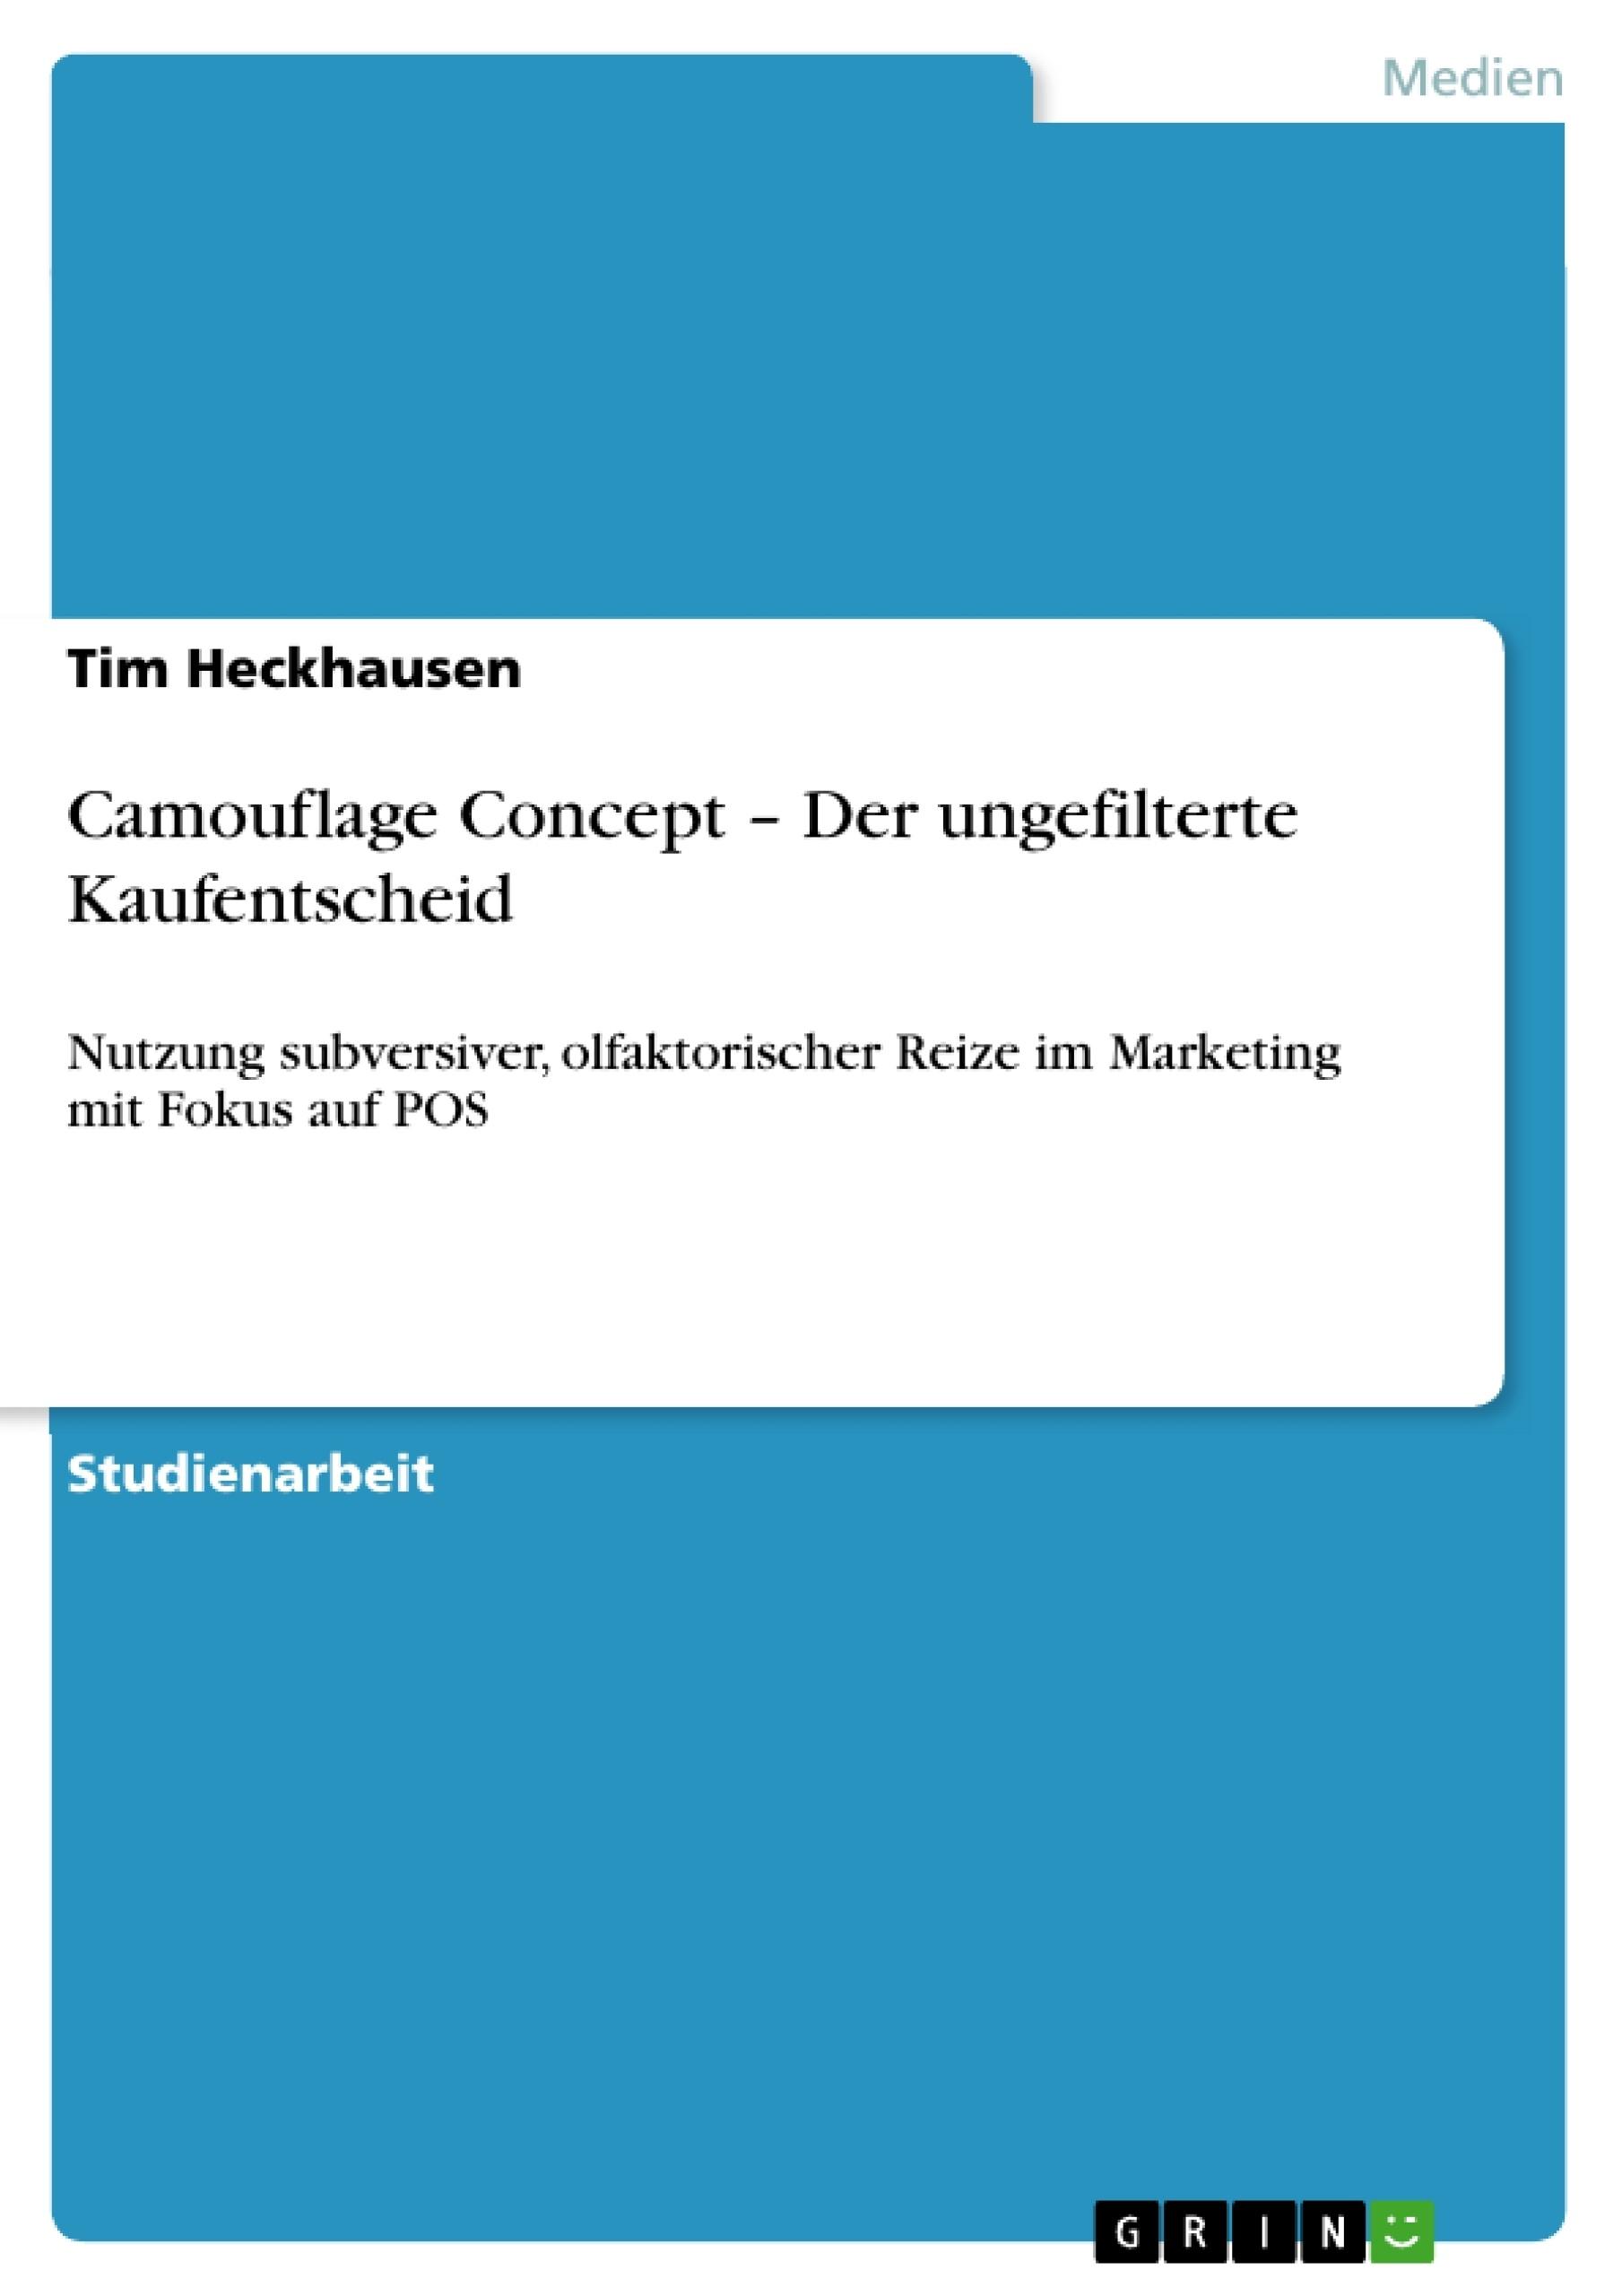 Titel: Camouflage Concept – Der ungefilterte Kaufentscheid